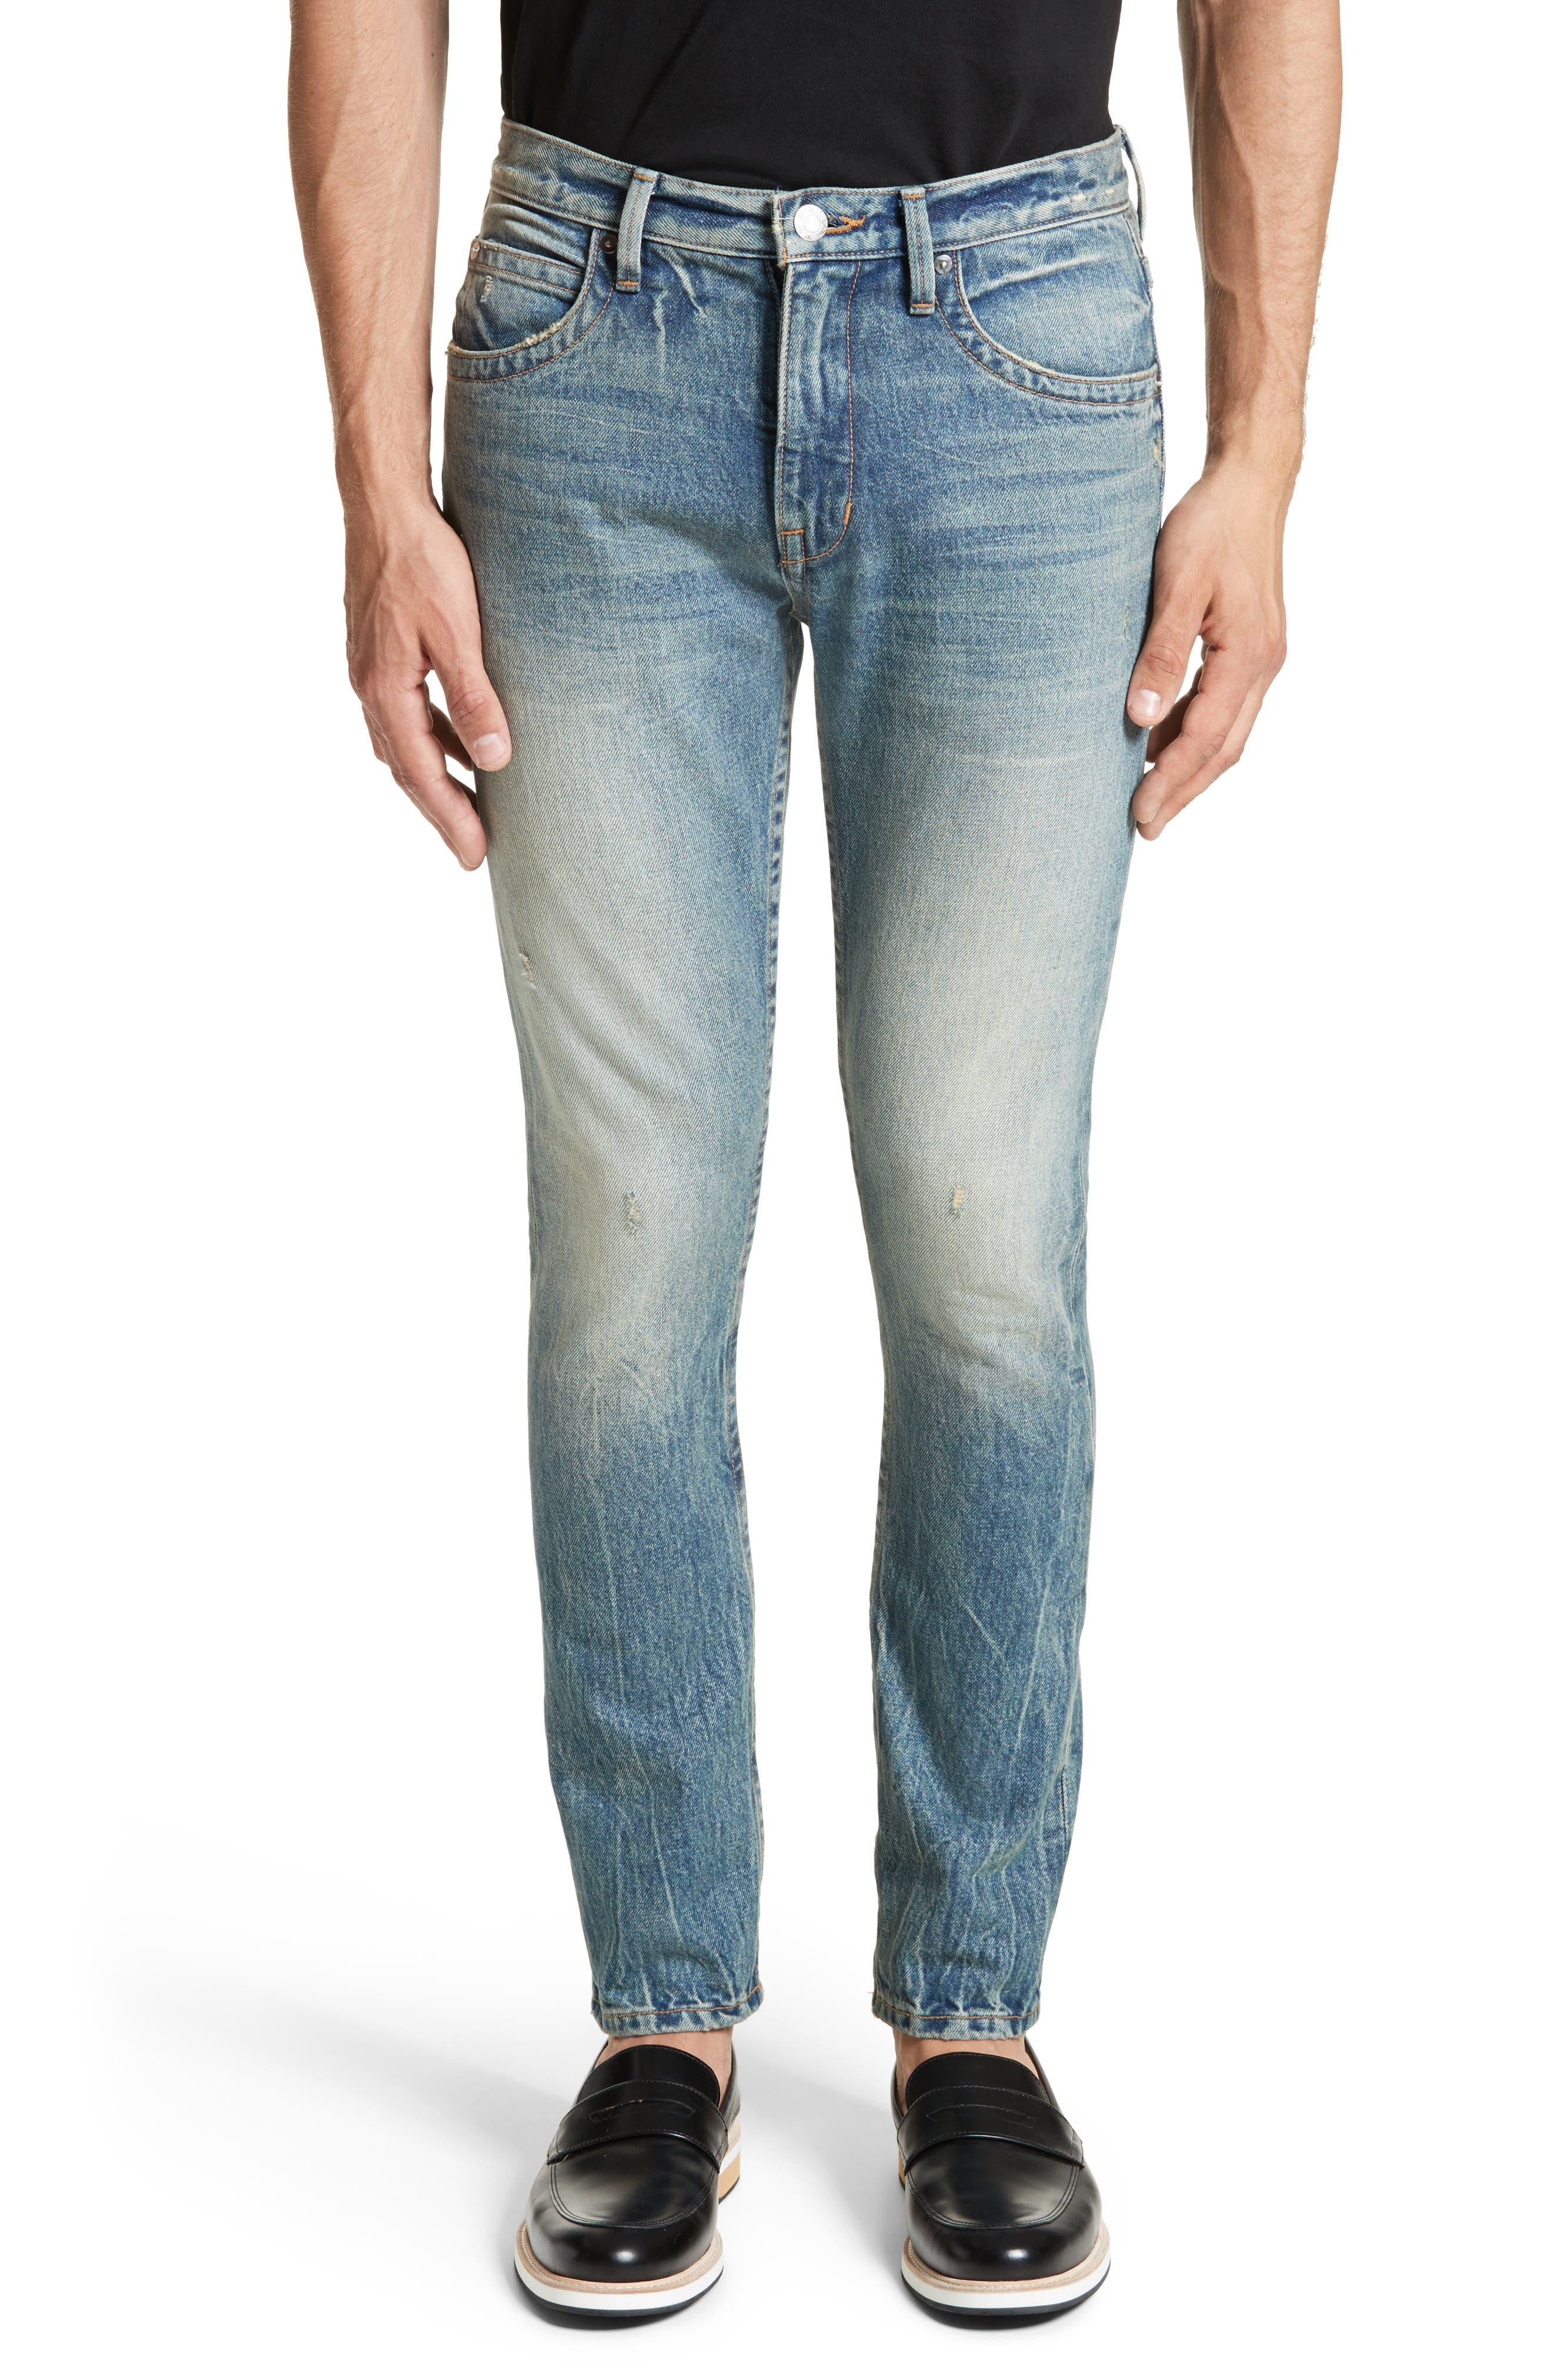 Helmut Lang 87 Jeans